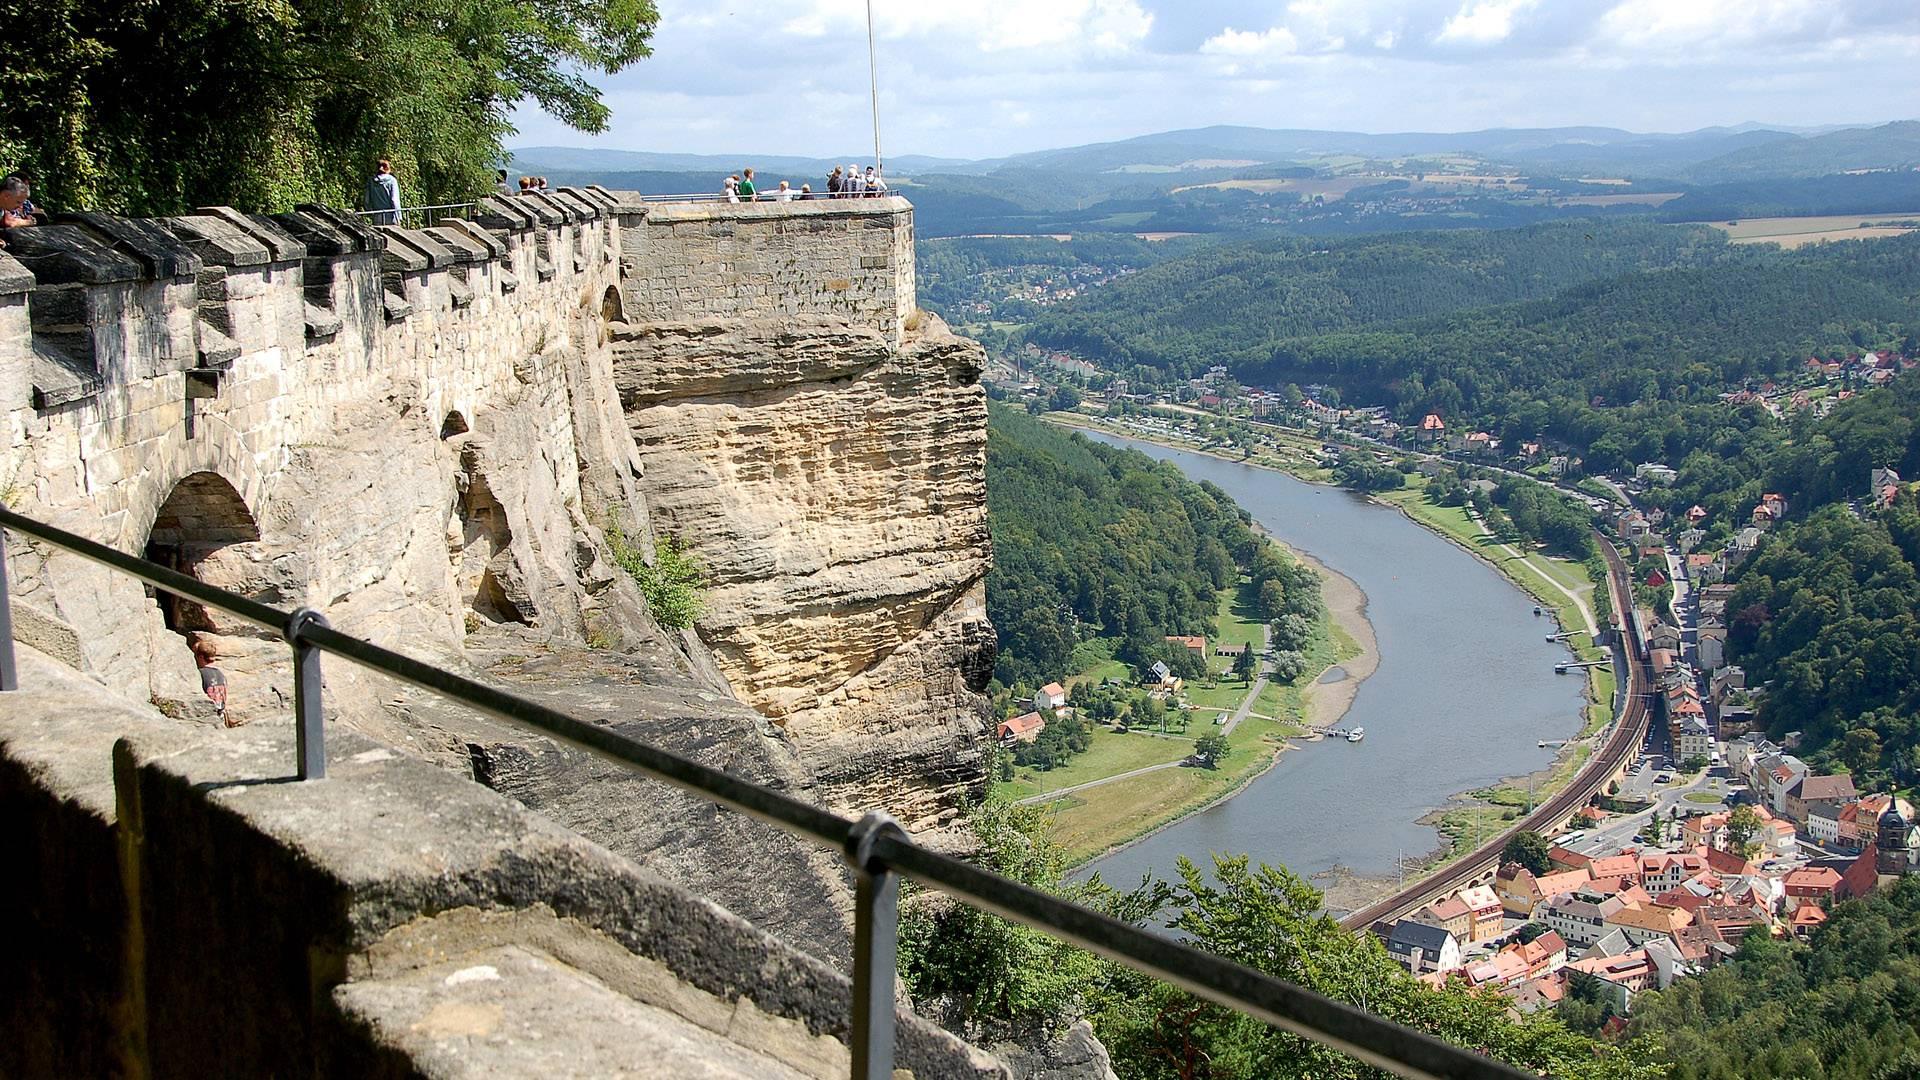 Экскурсия «саксонская швейцария и крепость кёнигштайн» — 226 отзывов, цена 40 €